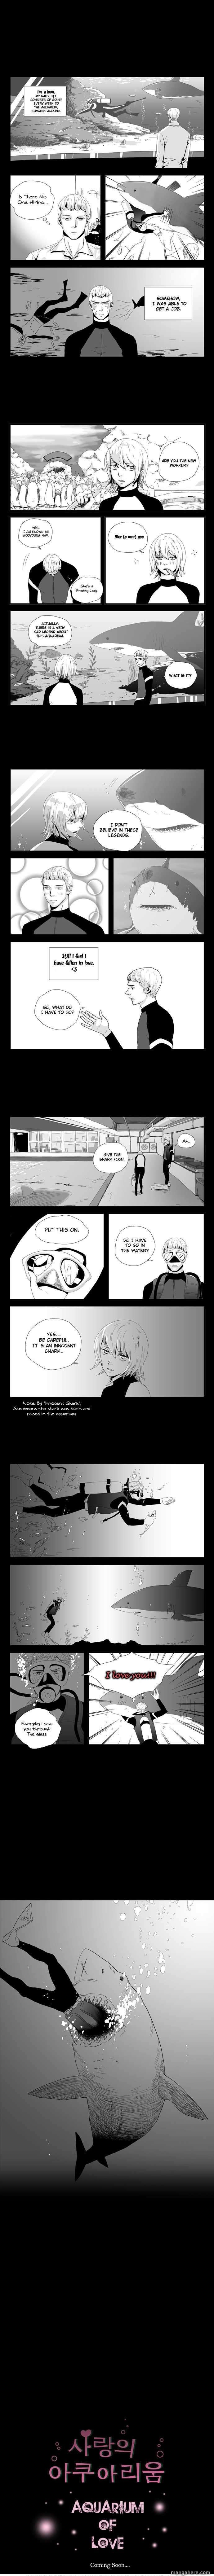 Love Aquarium 0 Page 1